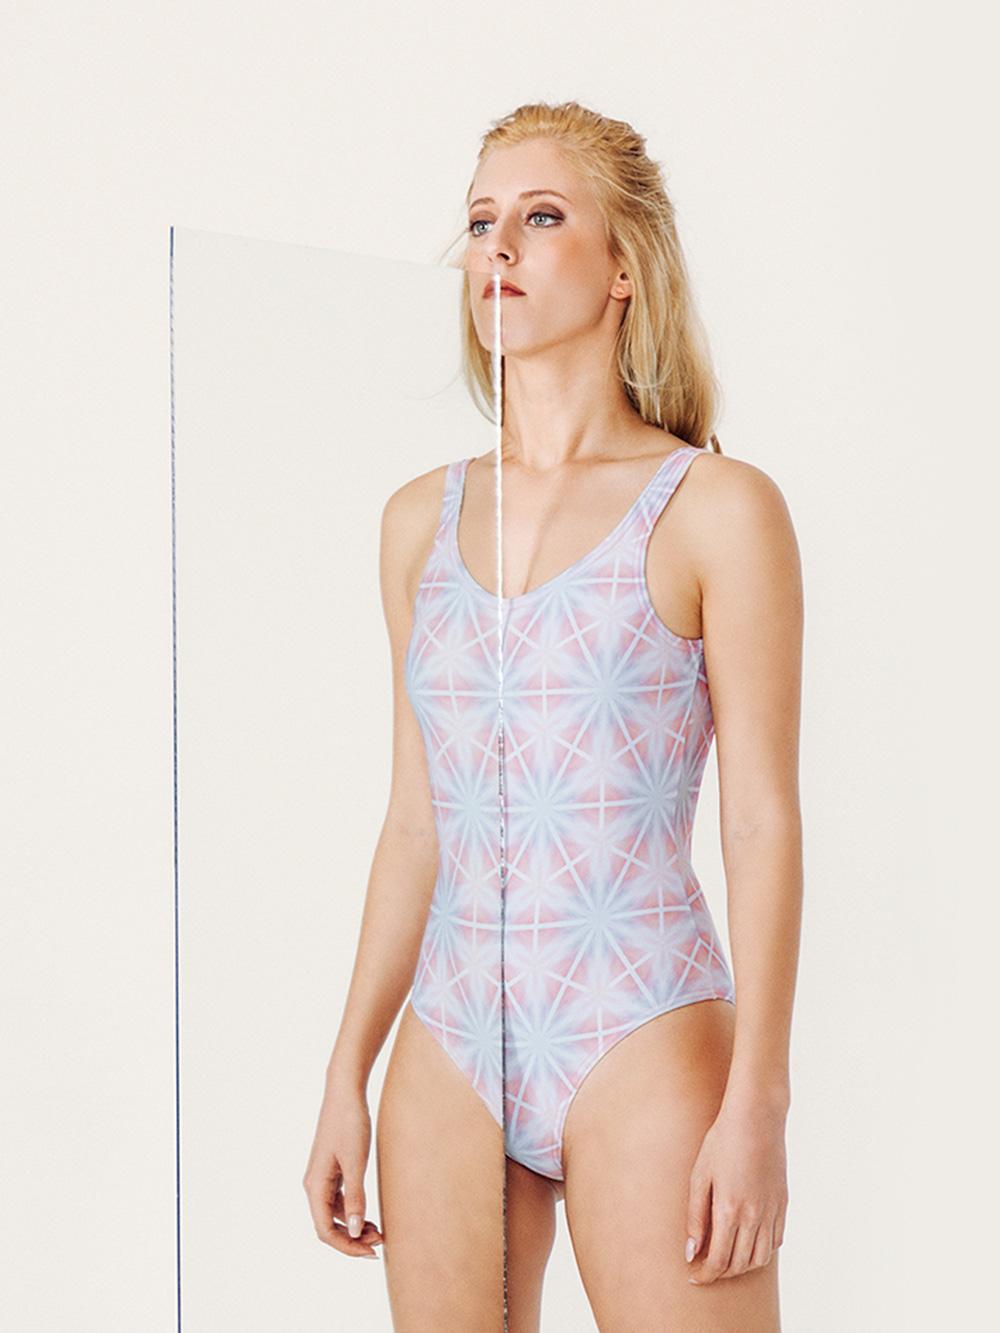 MINERVA Bañador básico – Especial – Estampado AZUL/ROSA – nadadora.com.es – swimwear